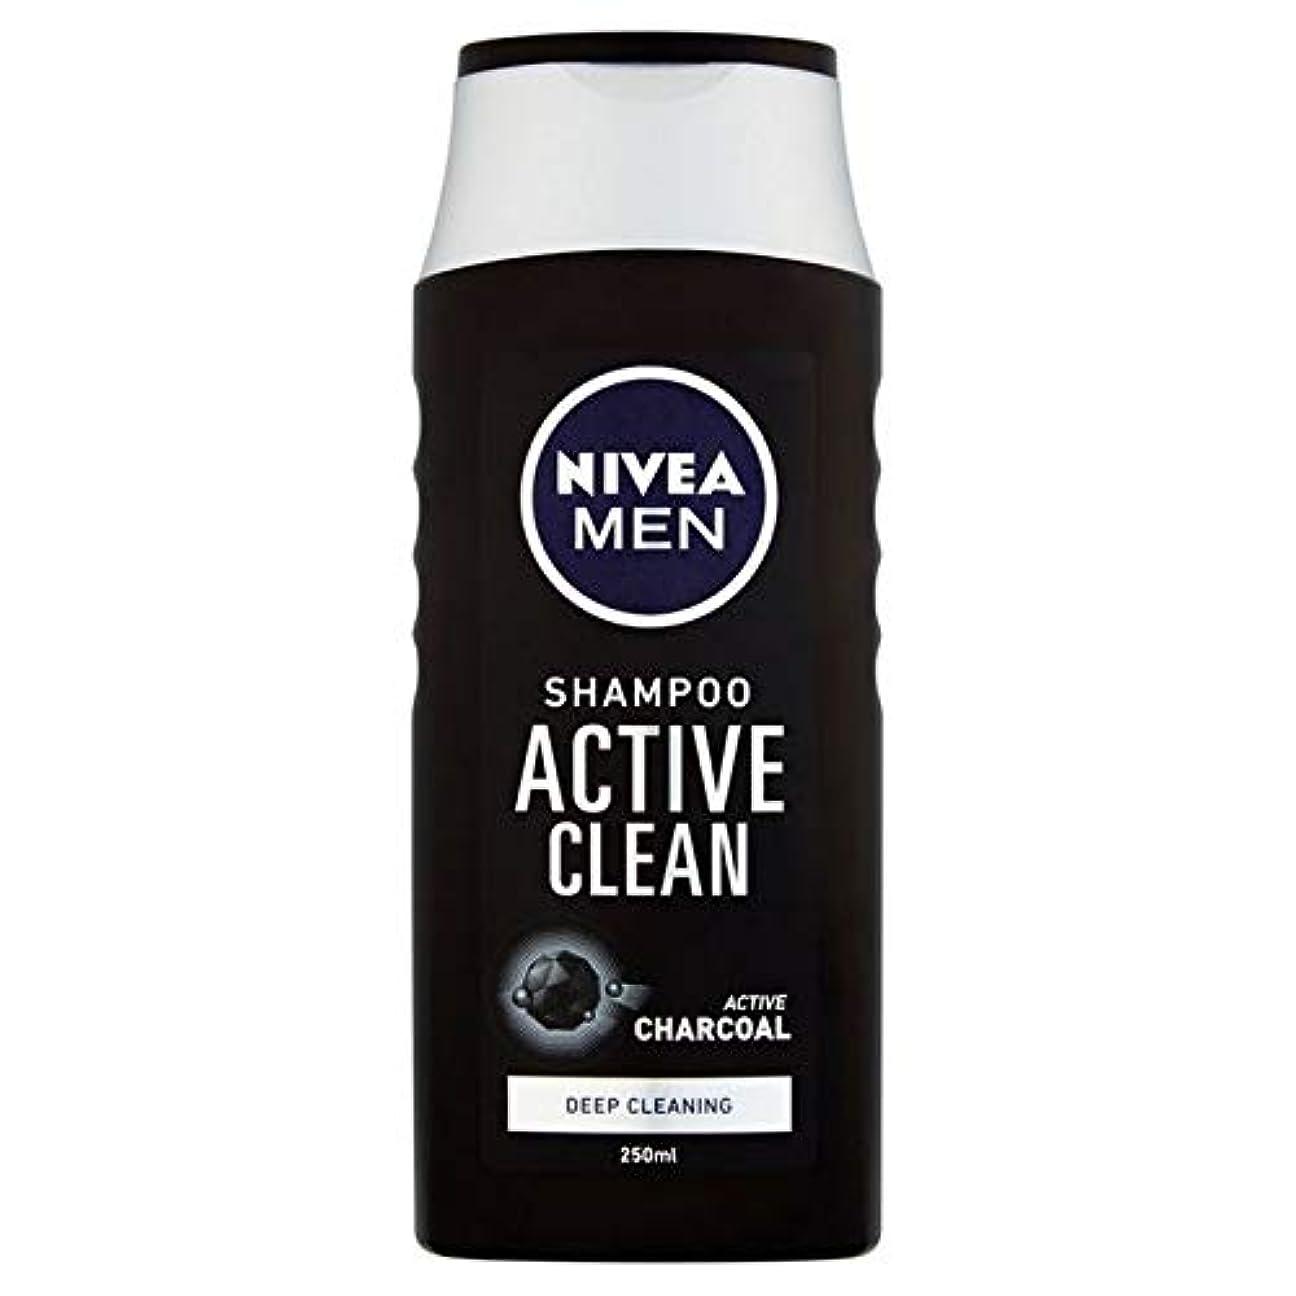 目を覚ますジャベスウィルソン寺院[Nivea ] ニベア男性はアクティブクリーン250ミリリットルシャンプー - NIVEA MEN Shampoo Active Clean 250ml [並行輸入品]